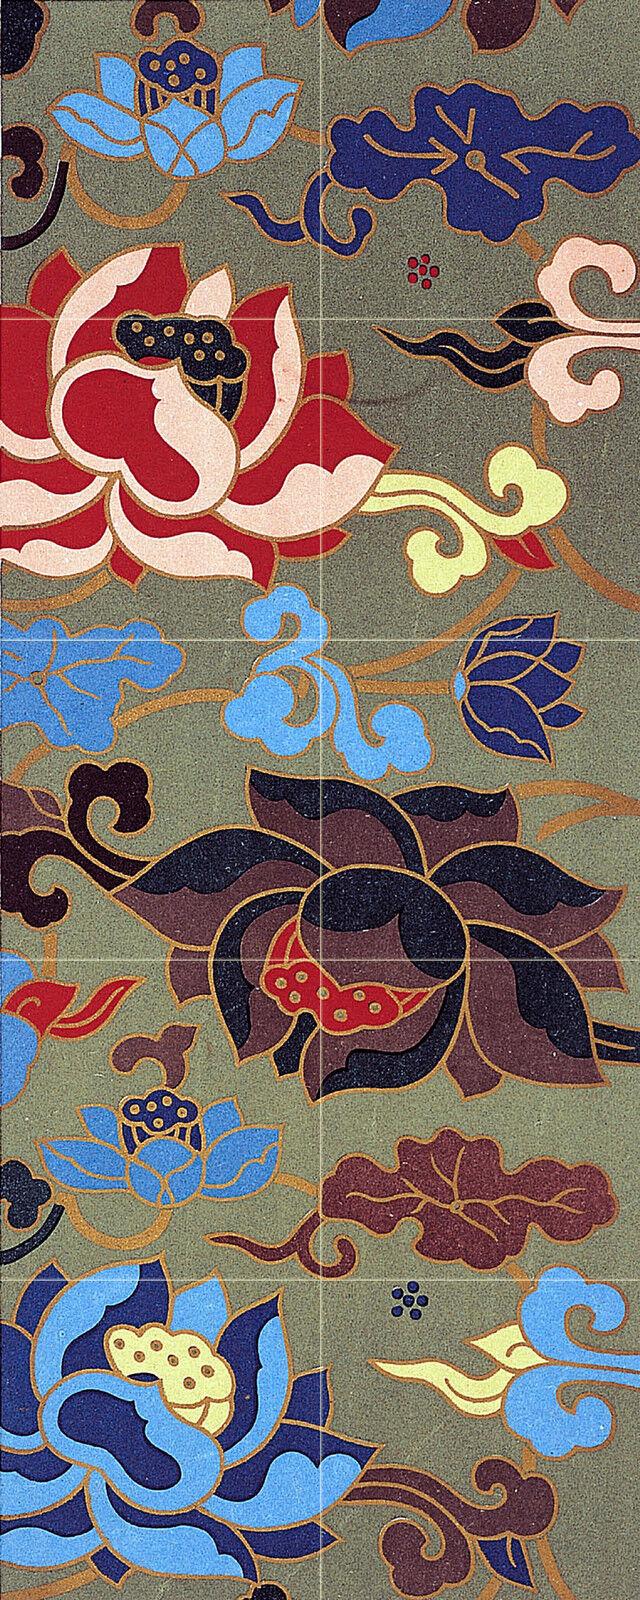 Art Oriental Flowers Kitchen Mural Ceramic Tiles Home Decor Tile  2514